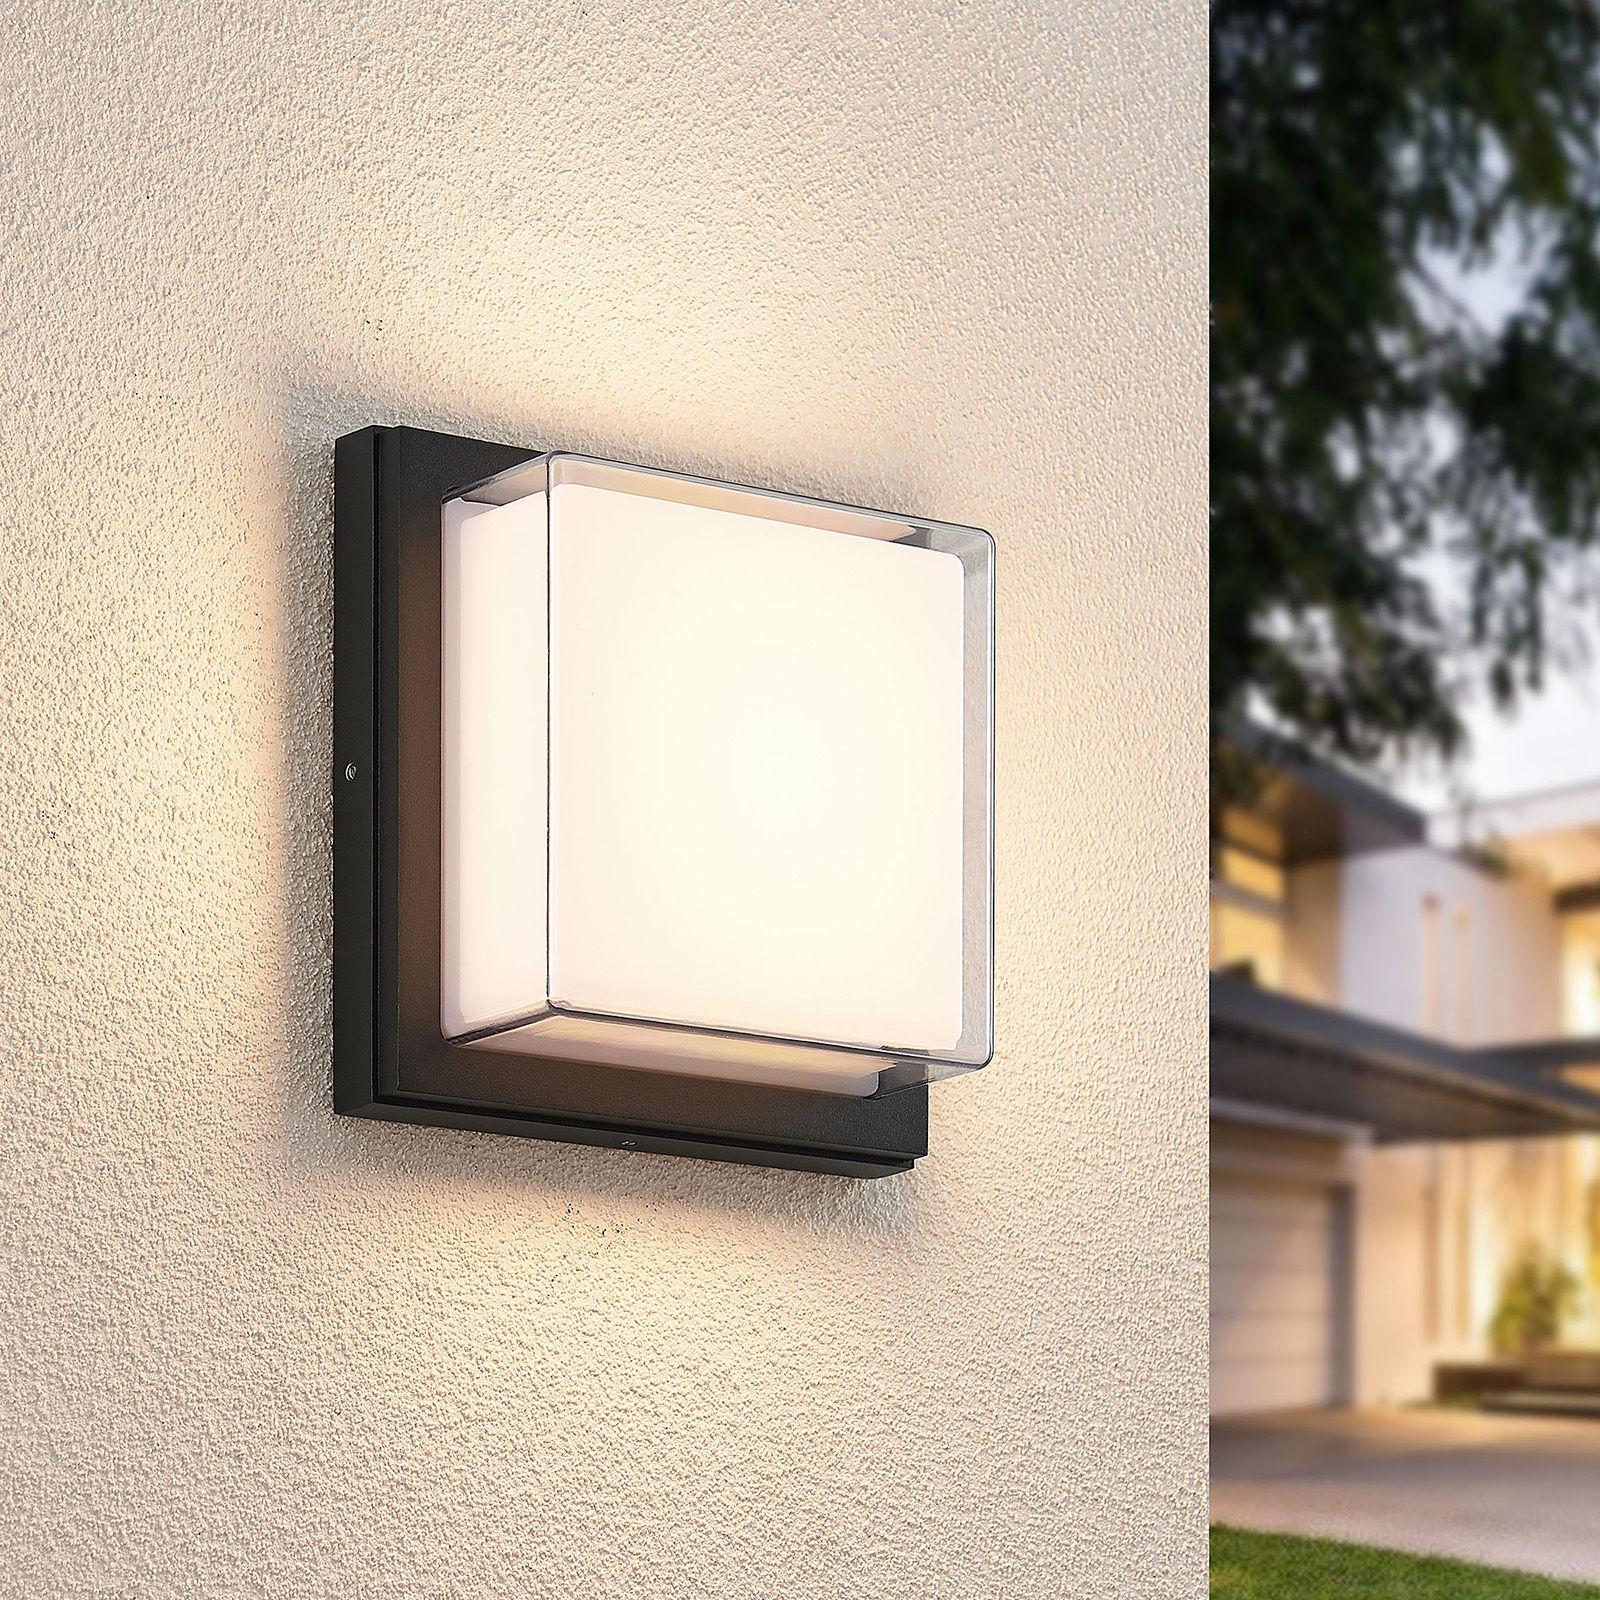 Lindby Aluki kinkiet zewnętrzny LED kwadratowy